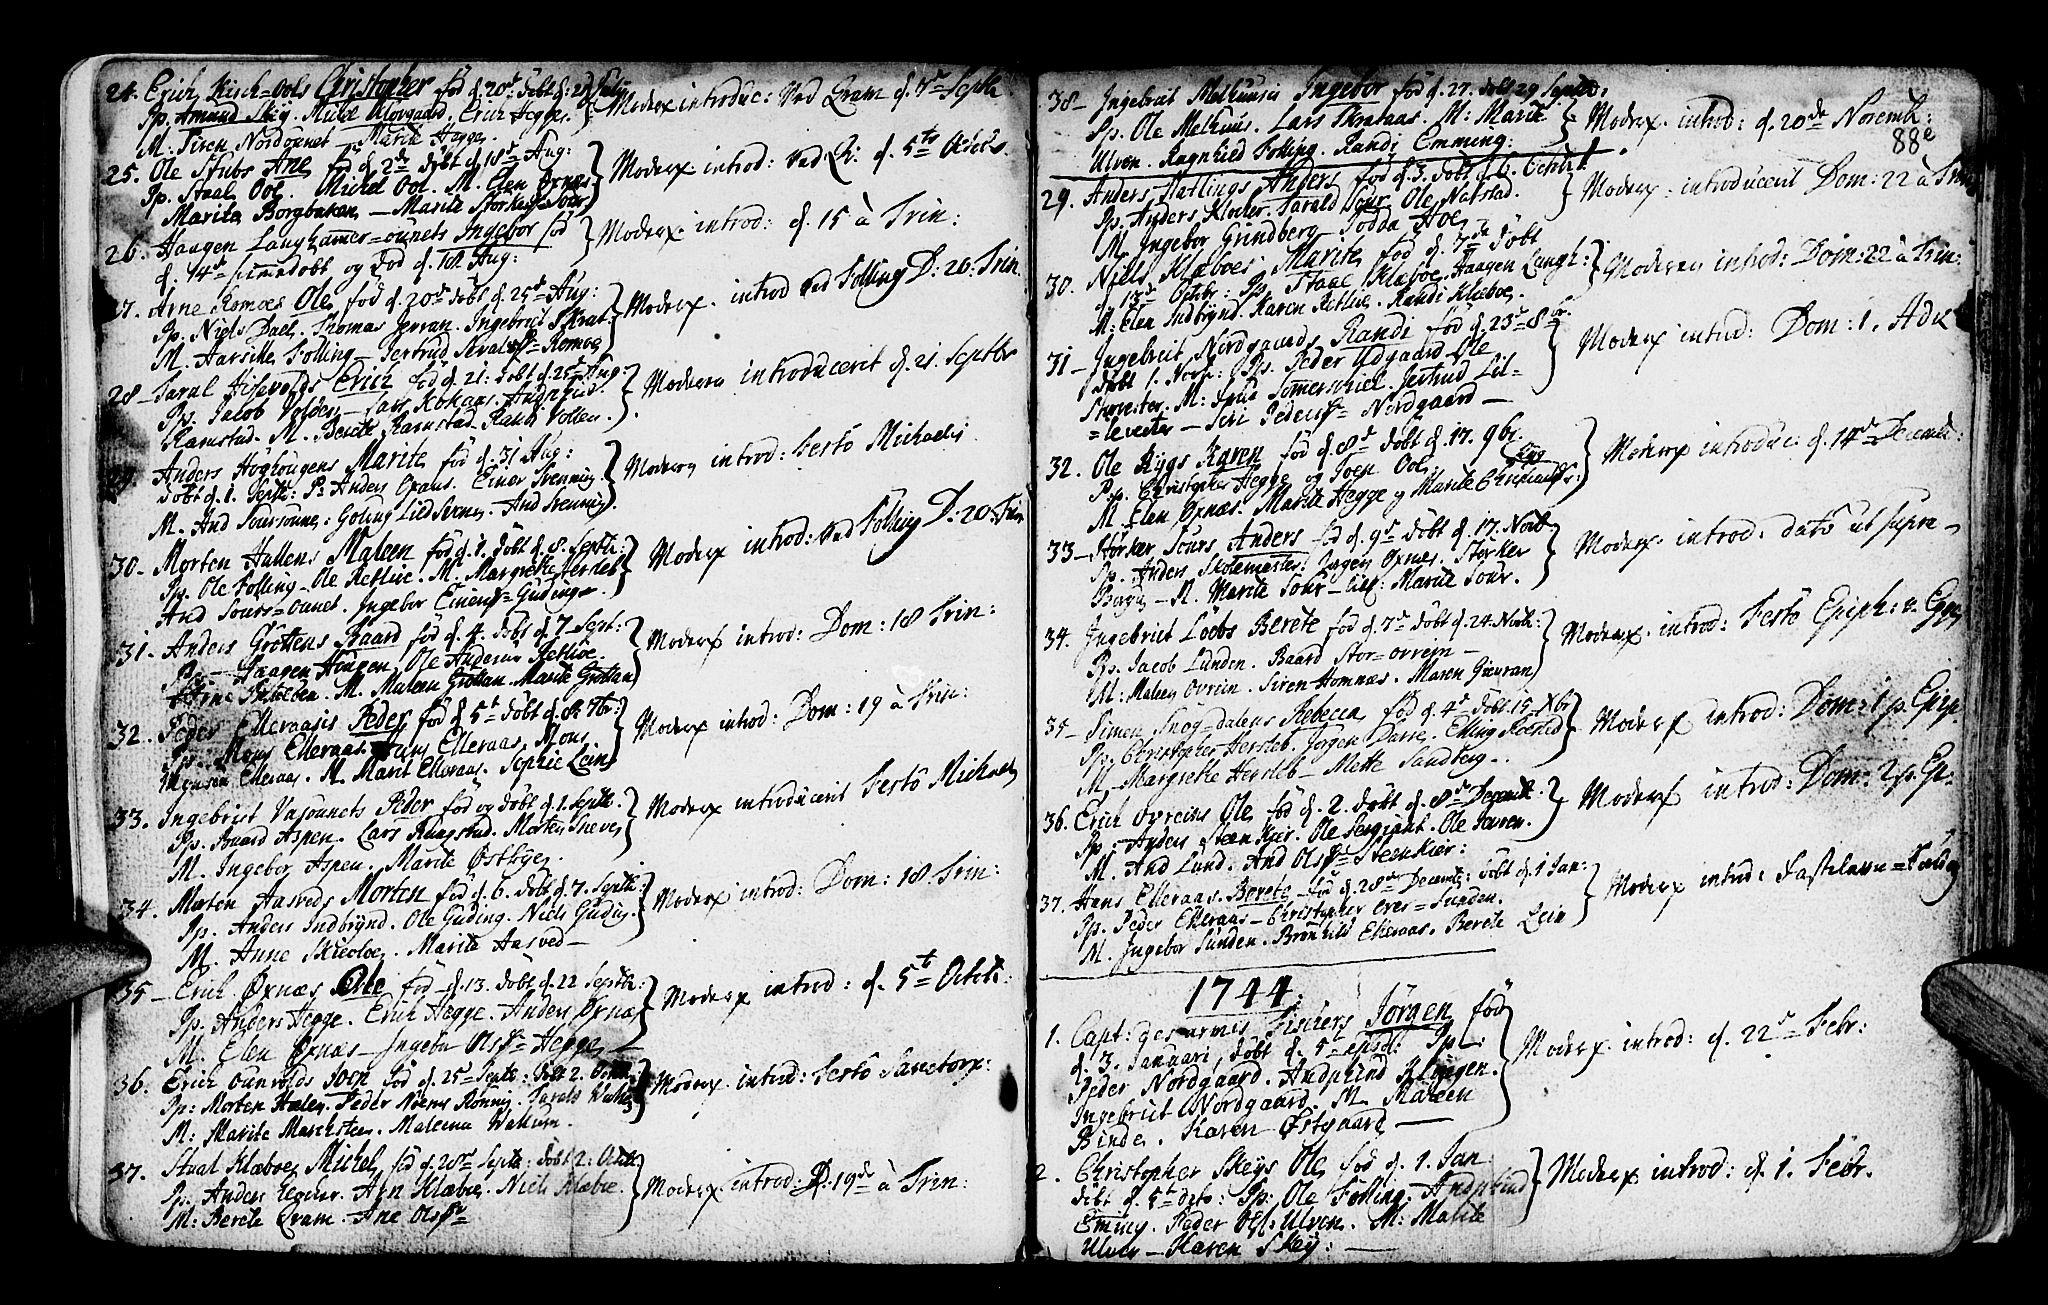 SAT, Ministerialprotokoller, klokkerbøker og fødselsregistre - Nord-Trøndelag, 746/L0439: Ministerialbok nr. 746A01, 1688-1759, s. 88f